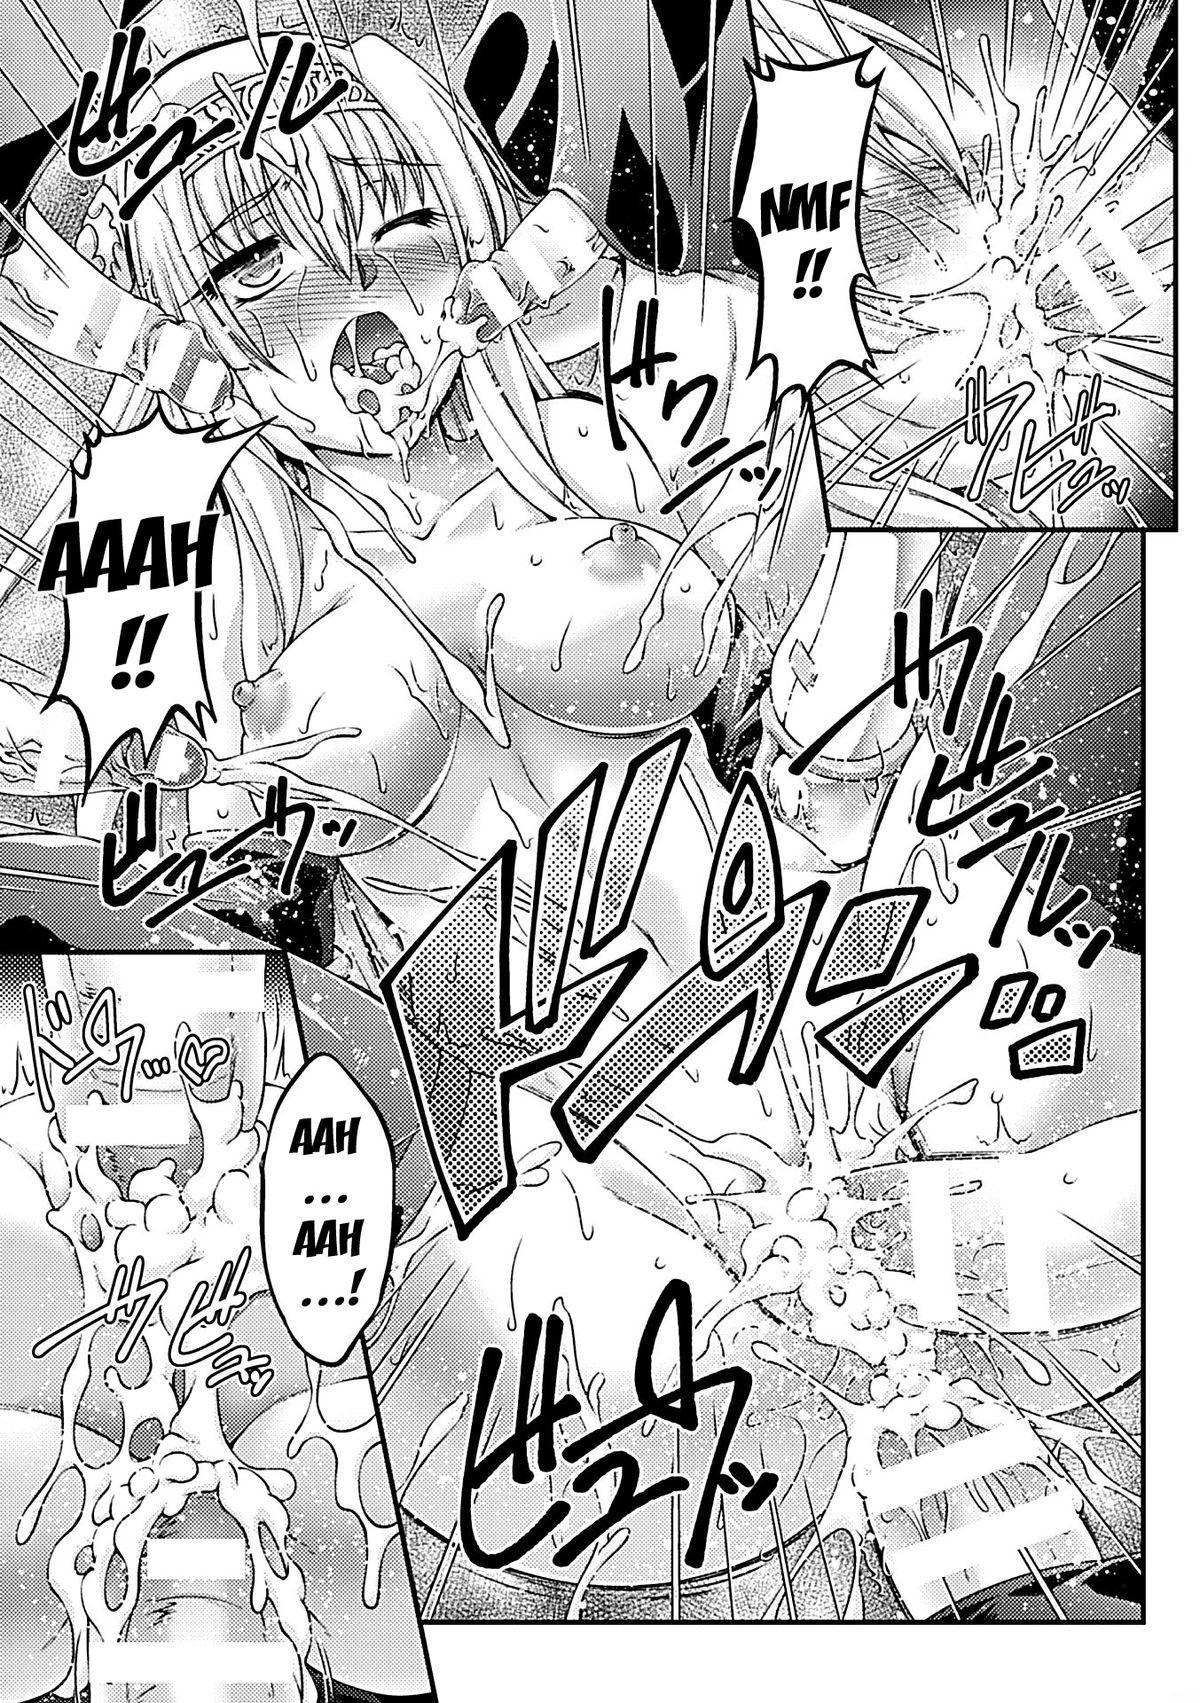 [Ootsuki Wataru] Kuroinu ~Kedakaki Seijo wa Hakudaku ni Somaru~ THE COMIC Chapters 1-5 [English] {Kizlan} [Digital] 56